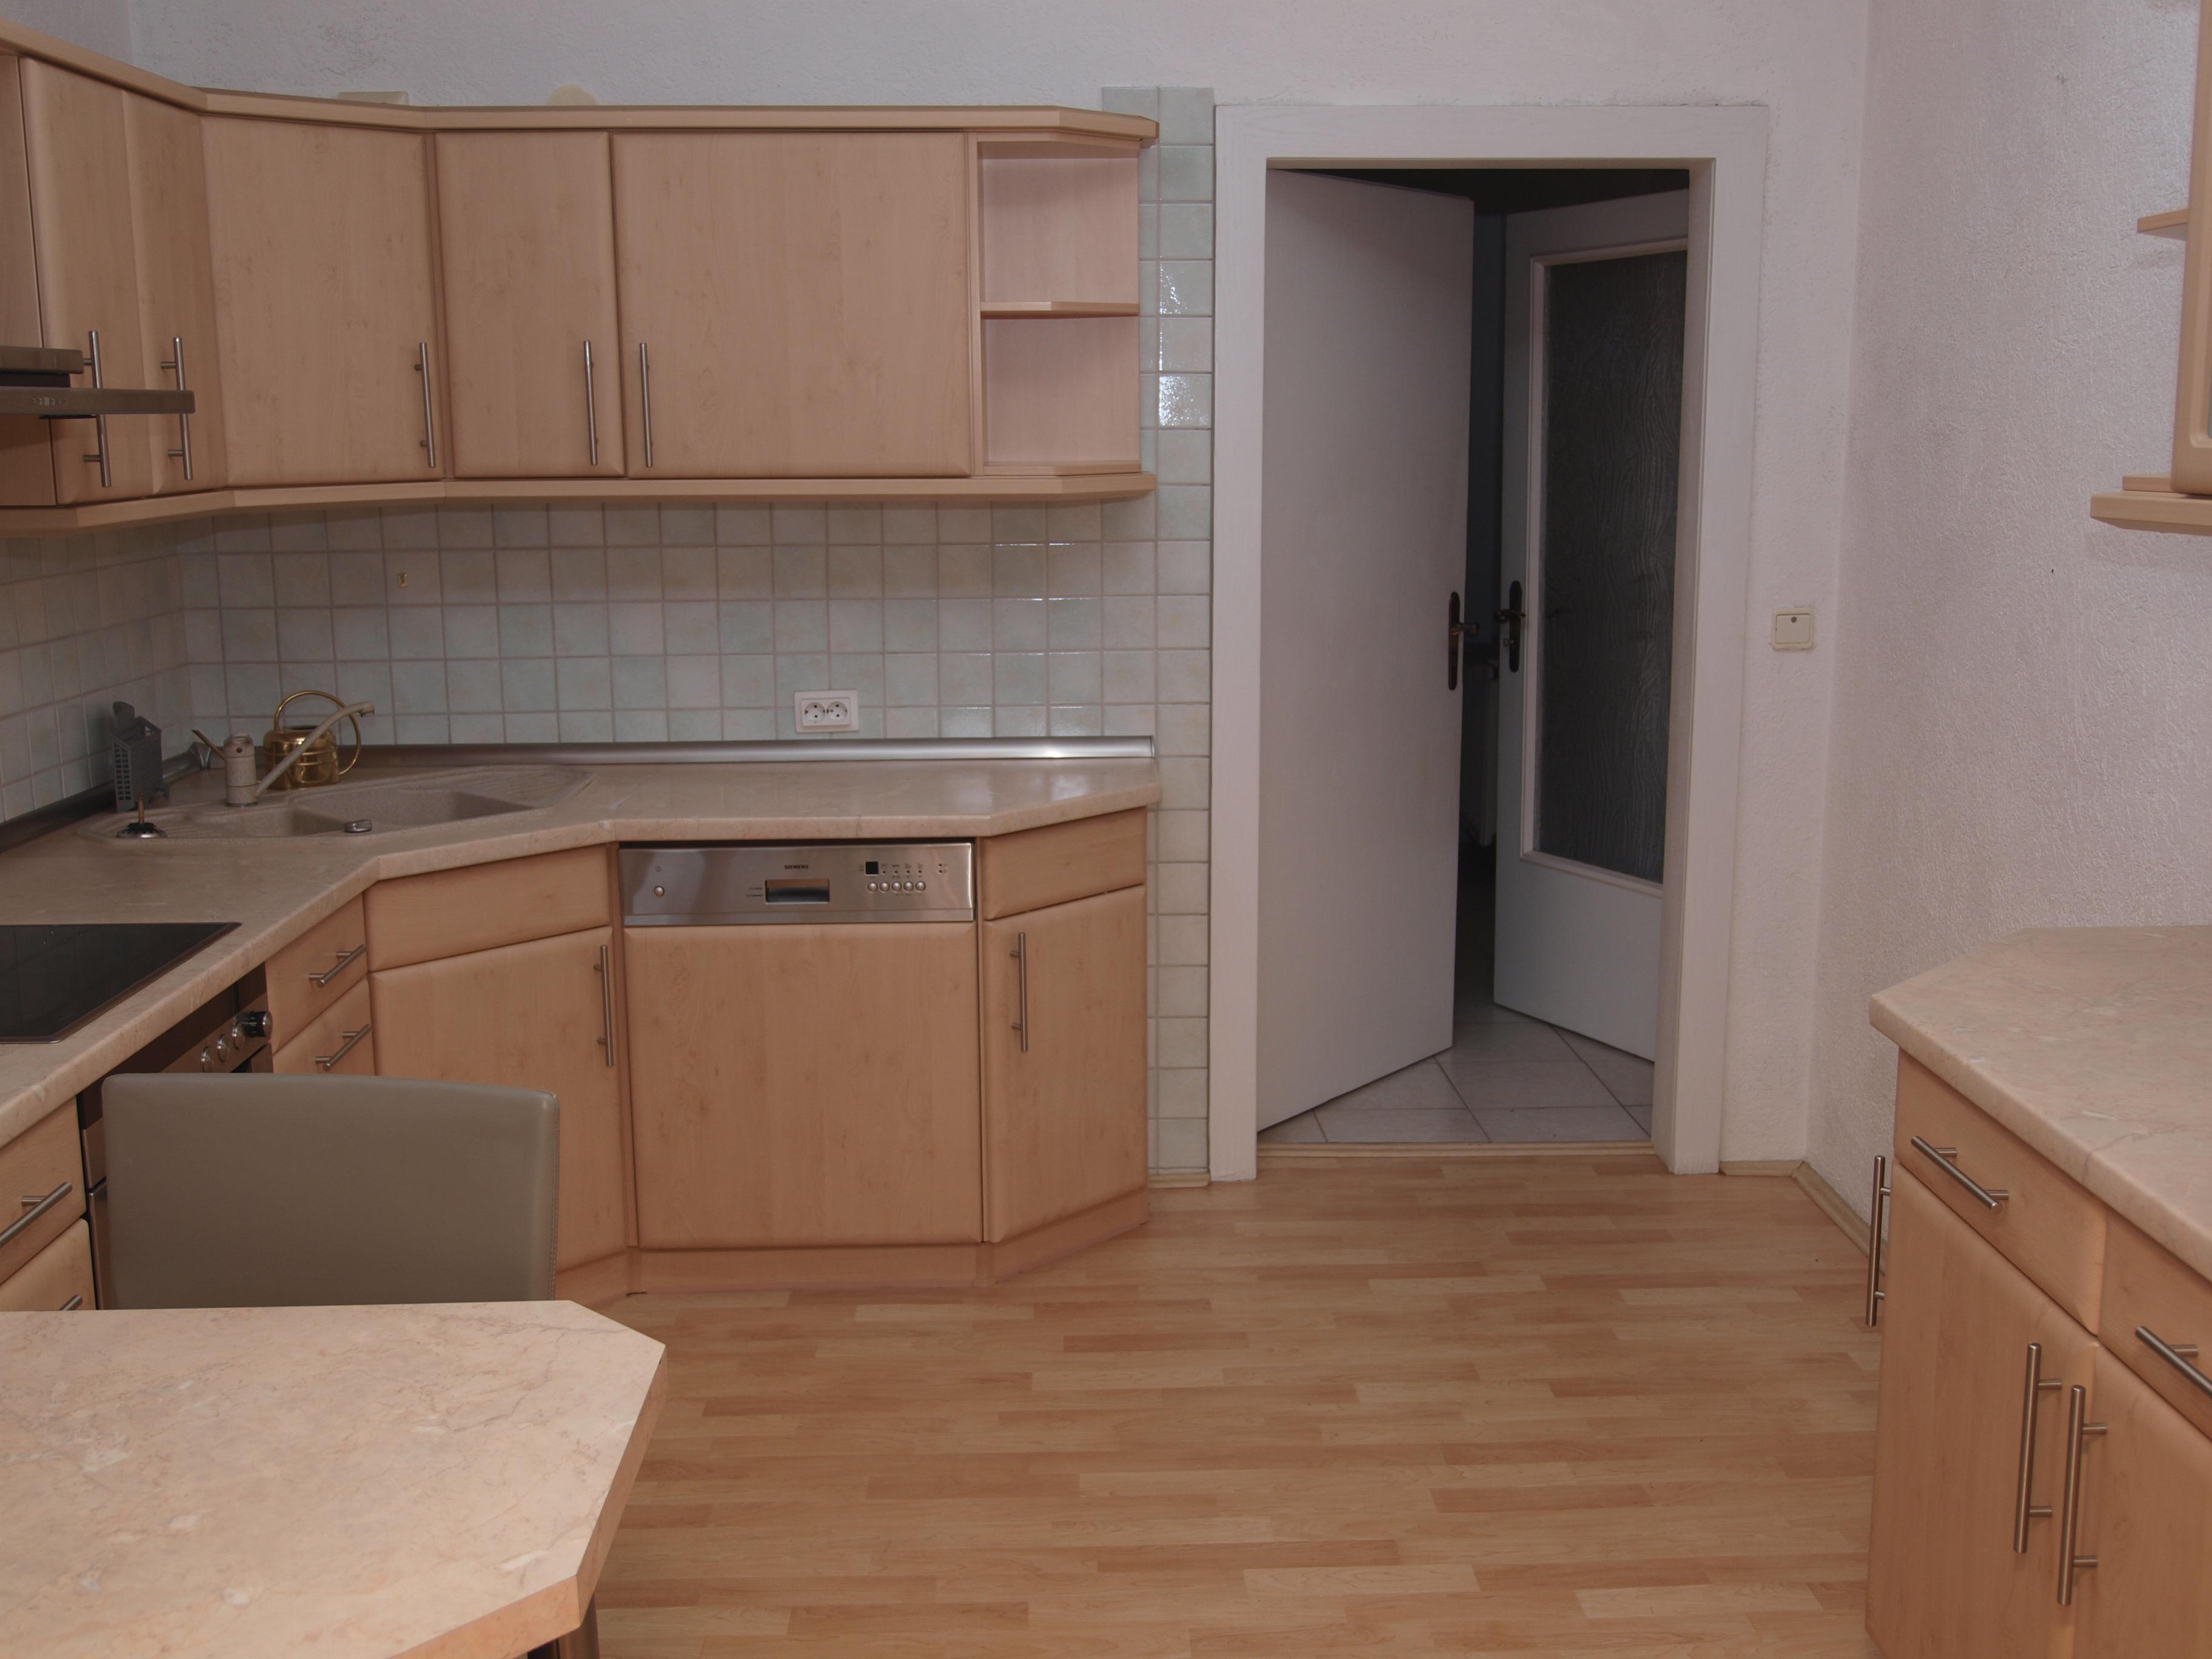 Einfamilienhaus Wörmlitz - gemütliche Wohnküche